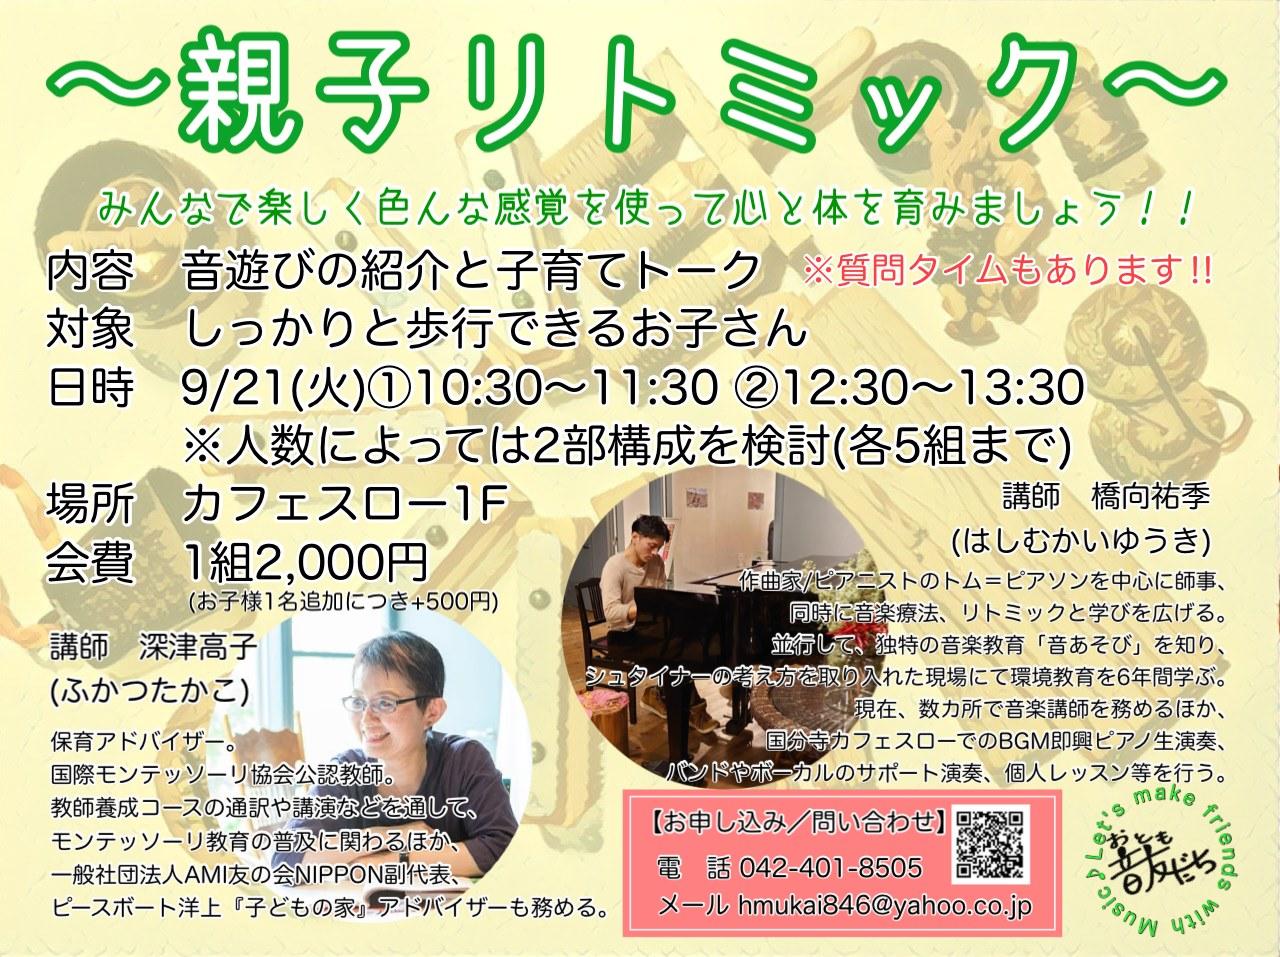 【延期】9/21(火) 「親子リトミック」講師:深津高子・橋向祐季